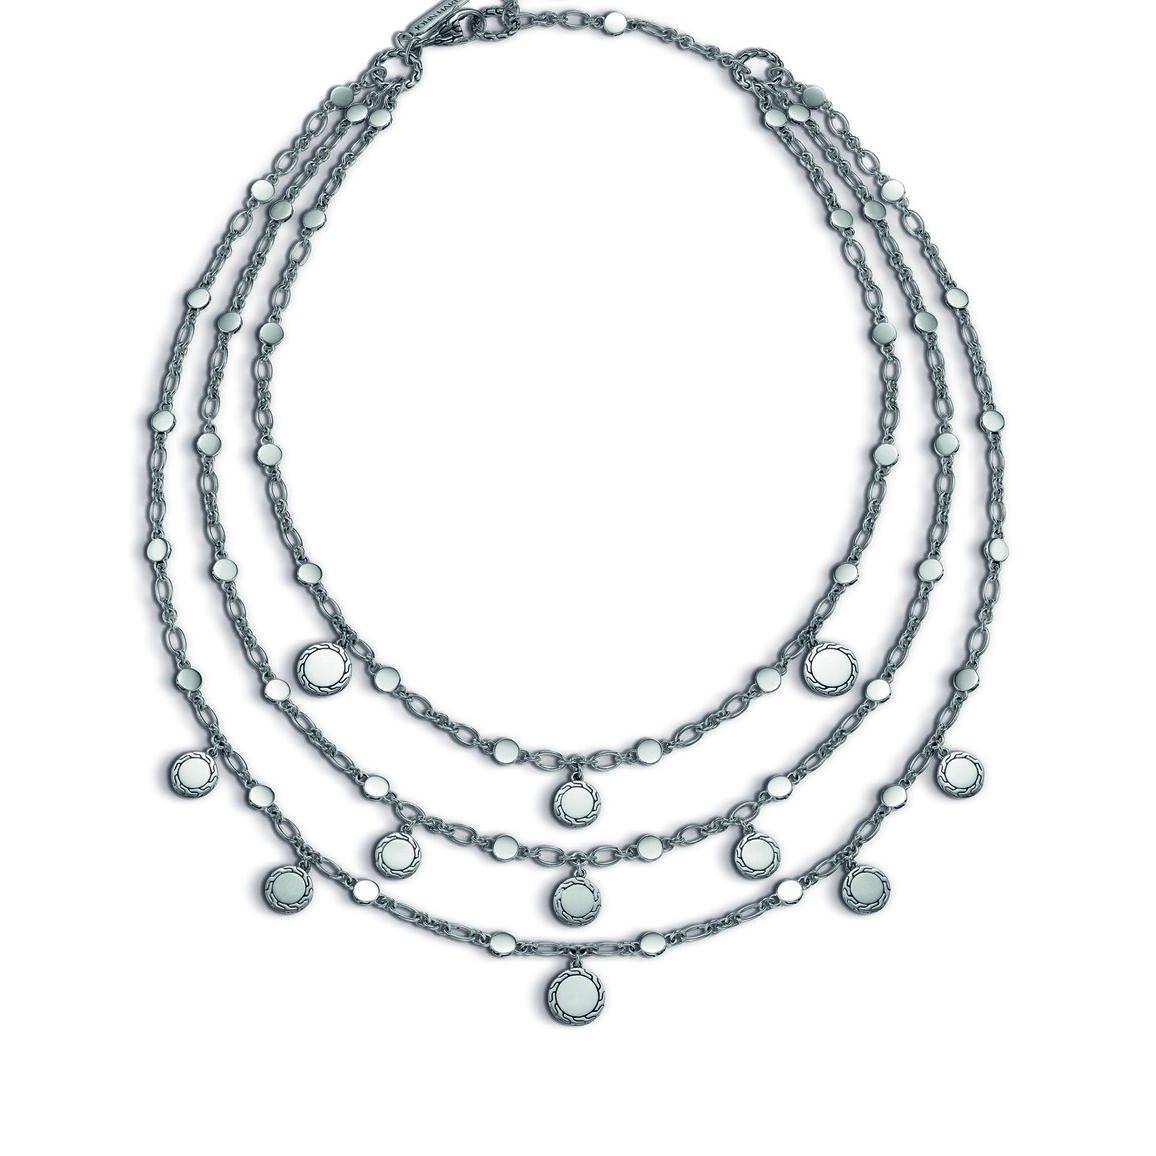 Triple Row Bib Necklace